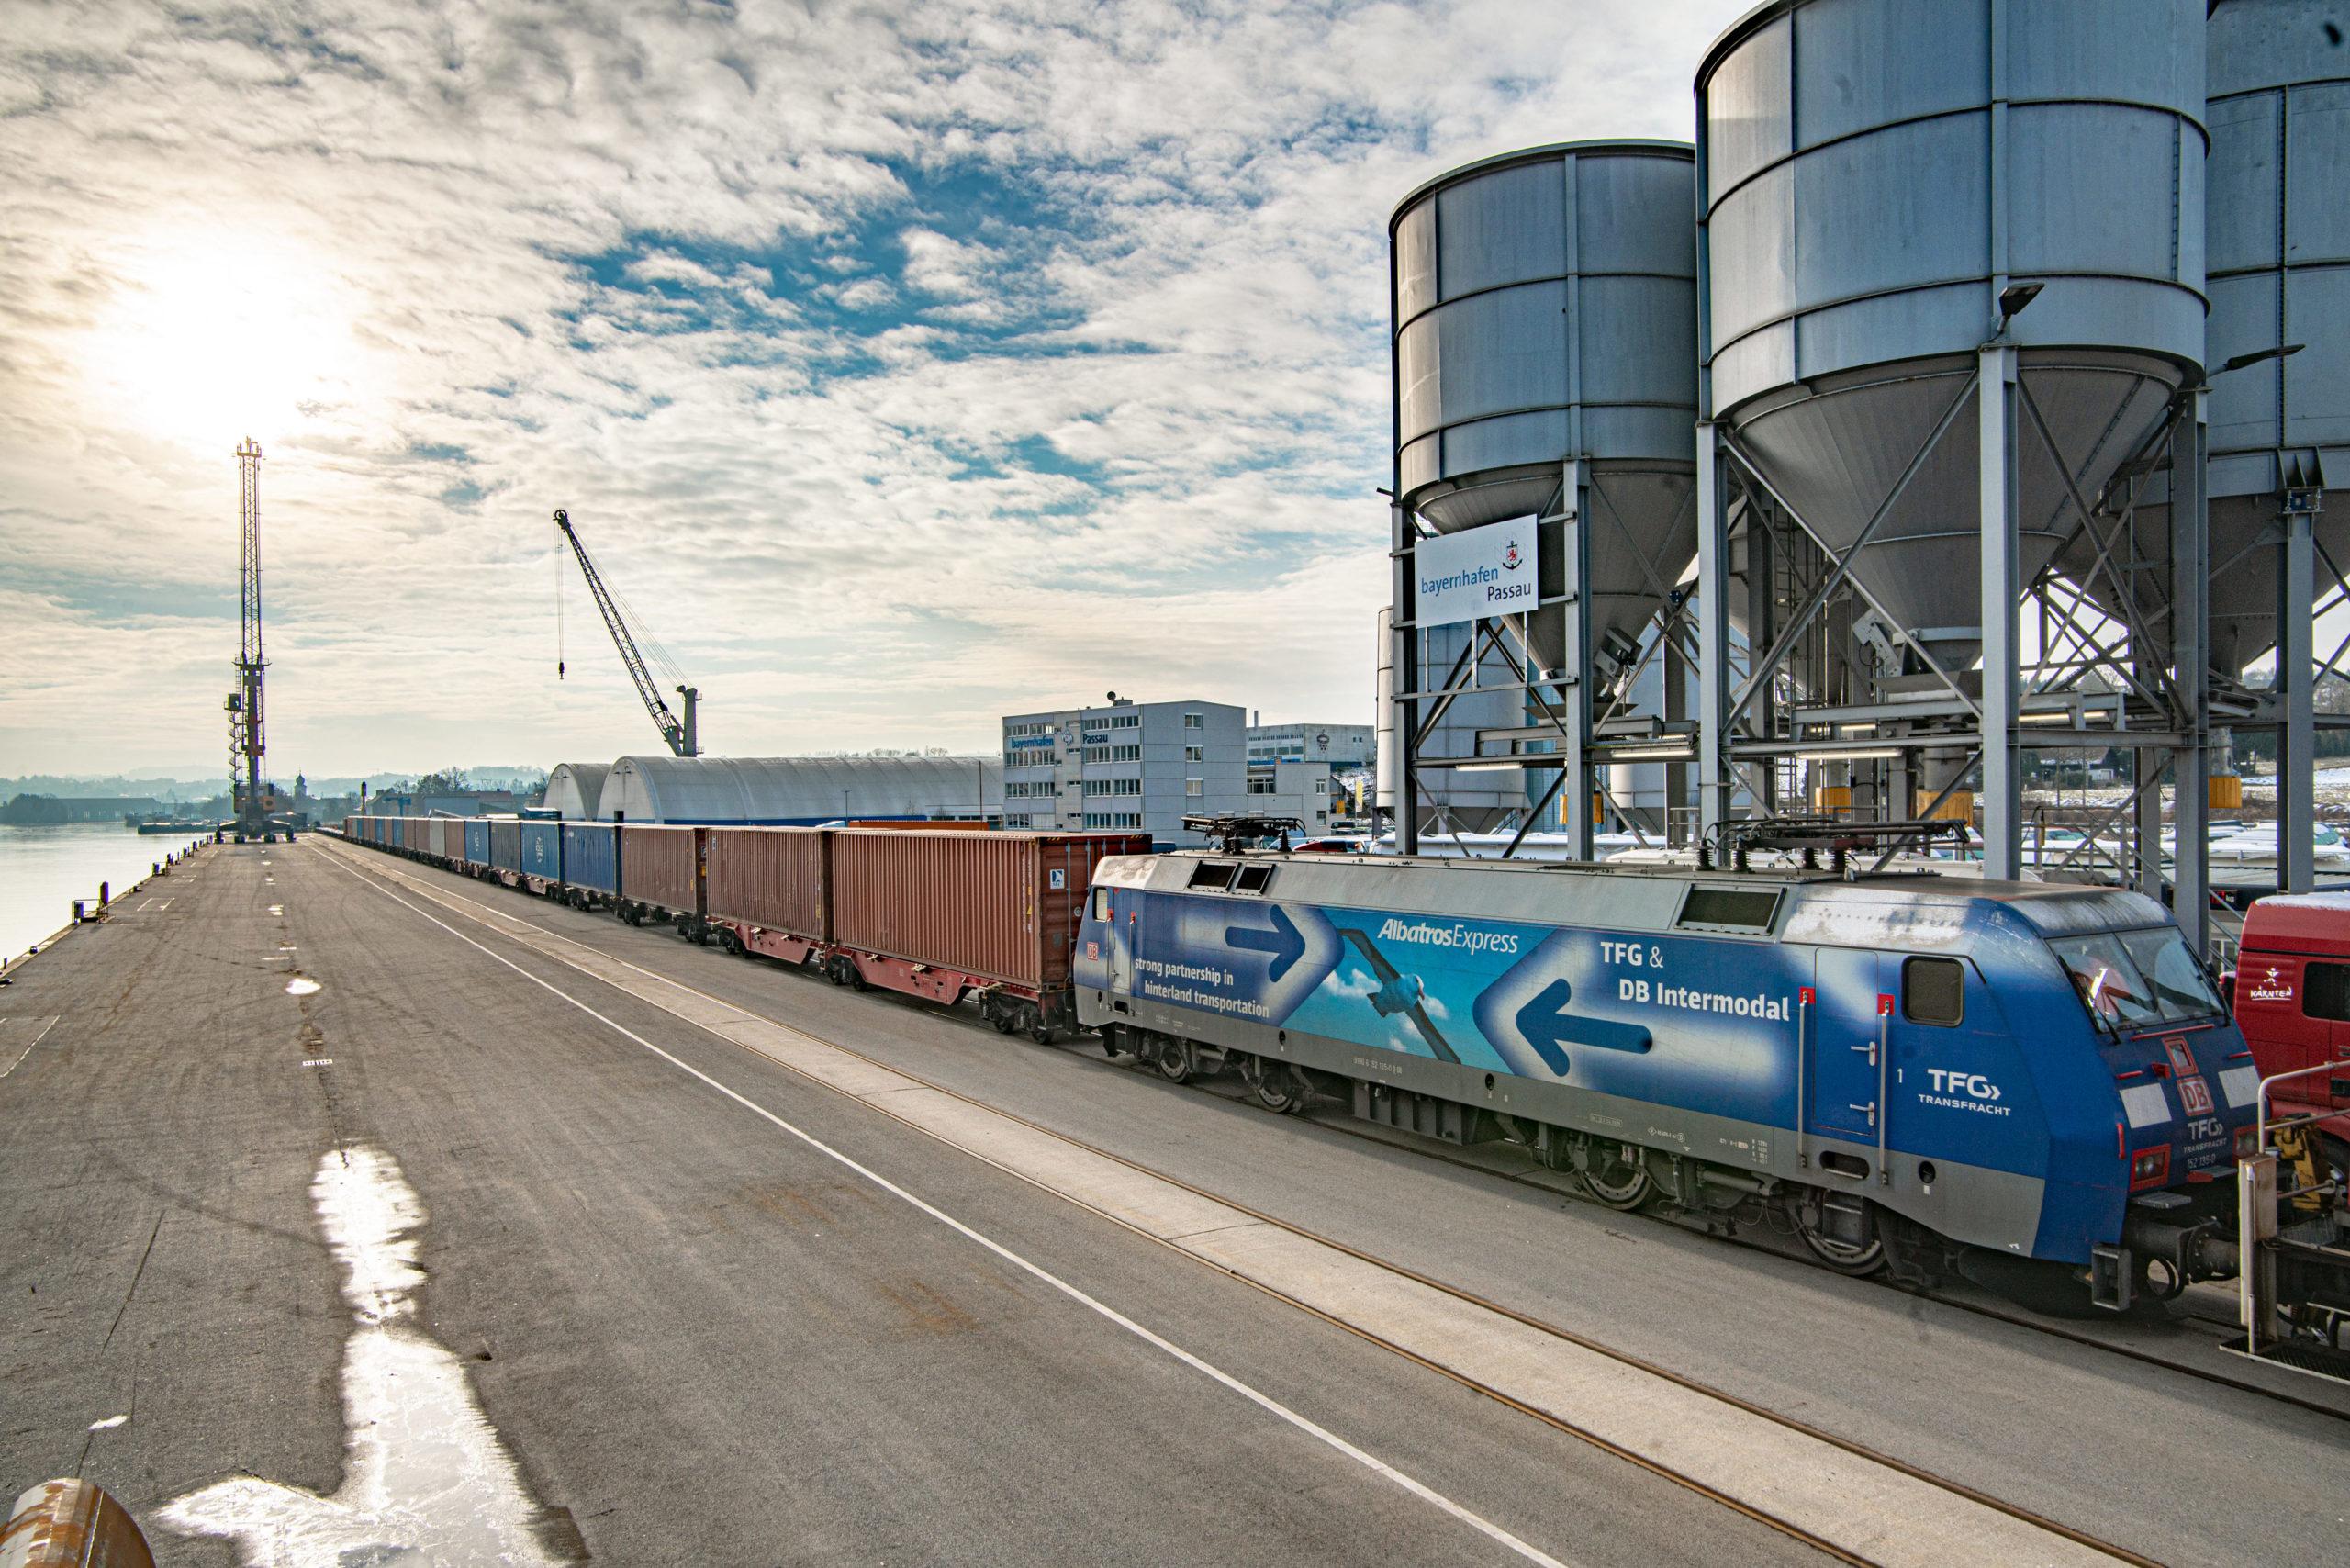 Intermodal-Containerzug am Kai des bayernhafen Passau, im Hintergrund Silos und Hafenkran